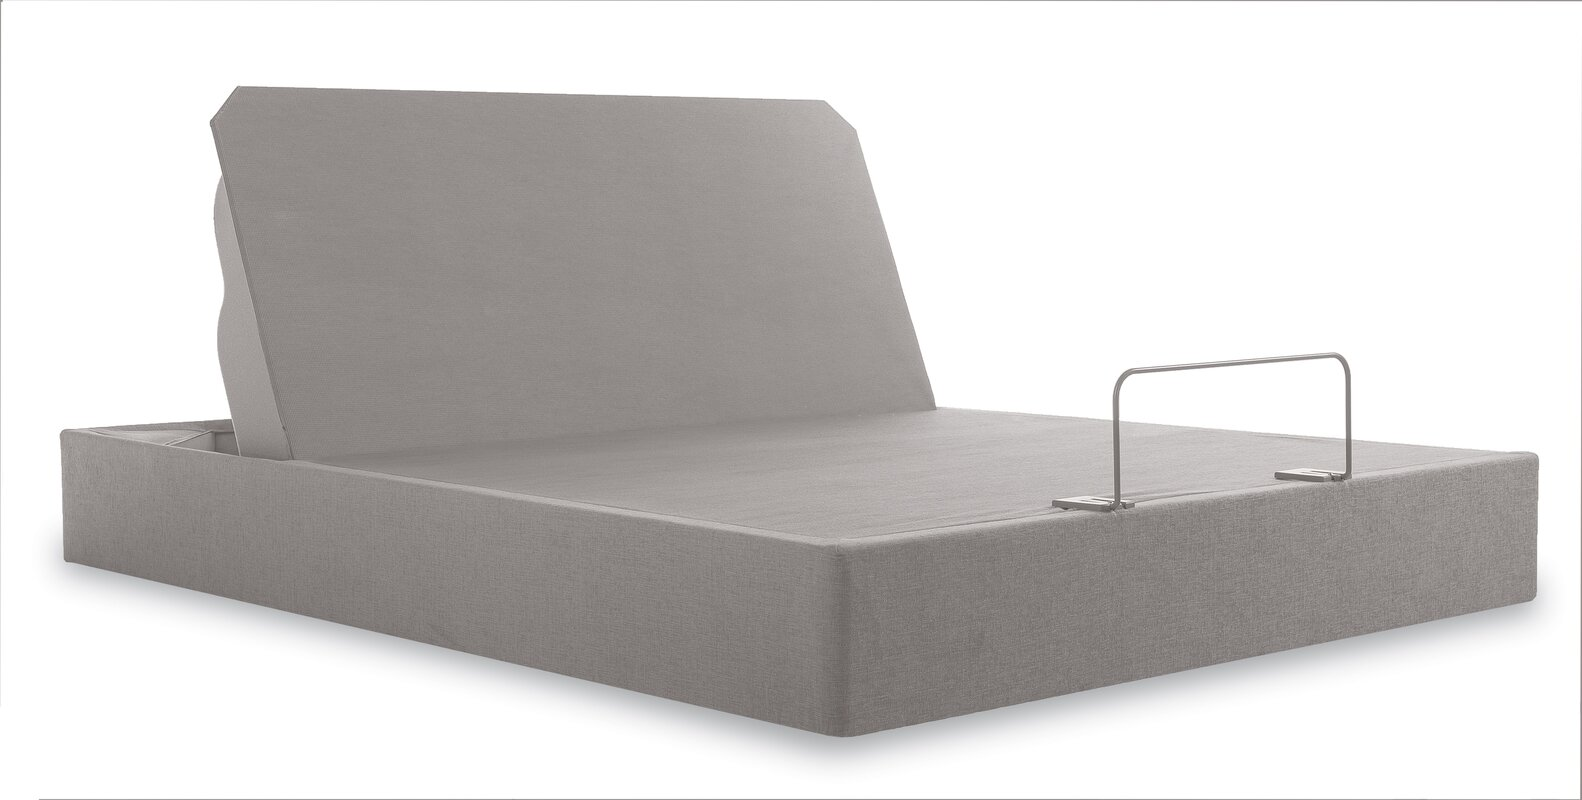 Wayfair basics wayfair basics 7 piece comforter set amp reviews - Default_name